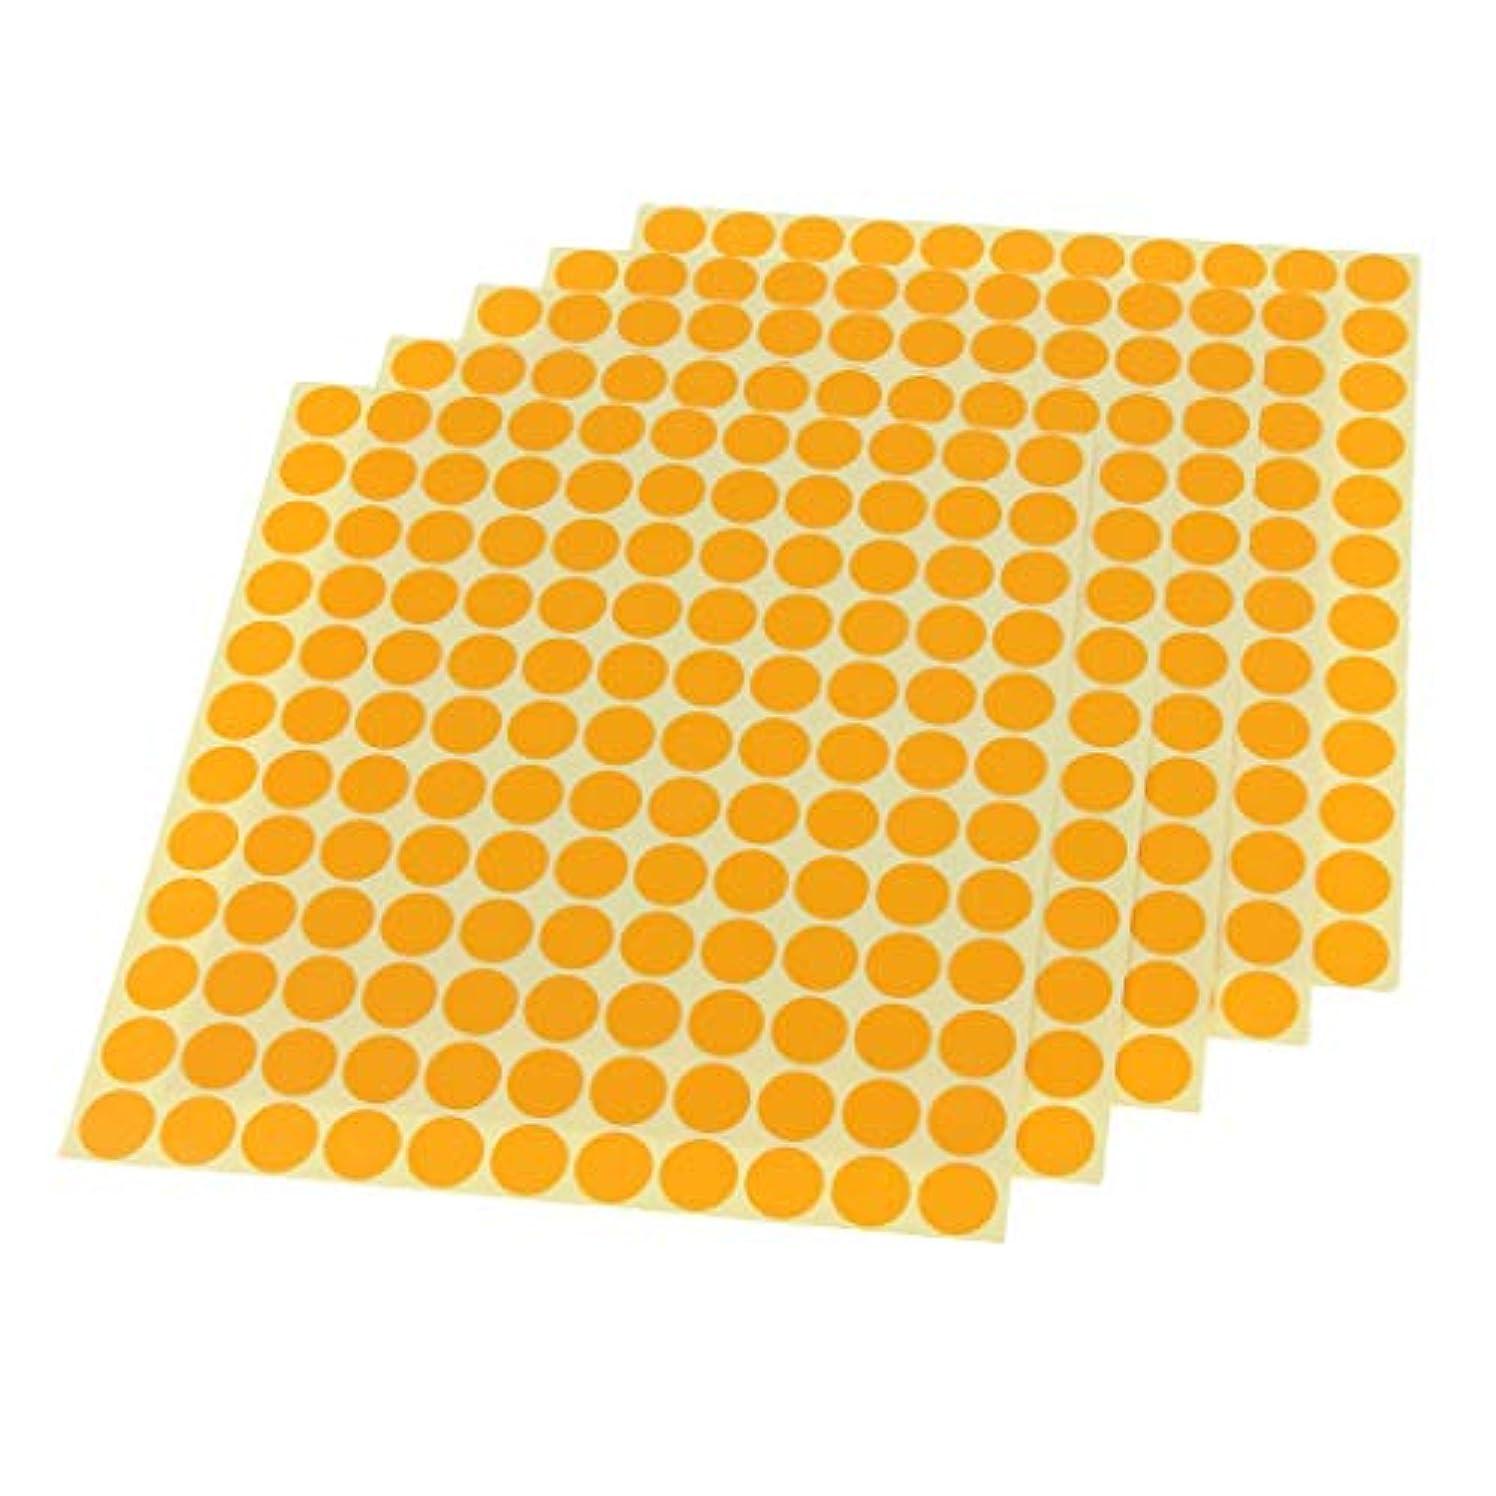 区別くインセンティブ5個入り ラベルシート エッセンシャルオイル ボトル 貼り付け ステッカー 自己接着ラベル 防水耐油 - オレンジ